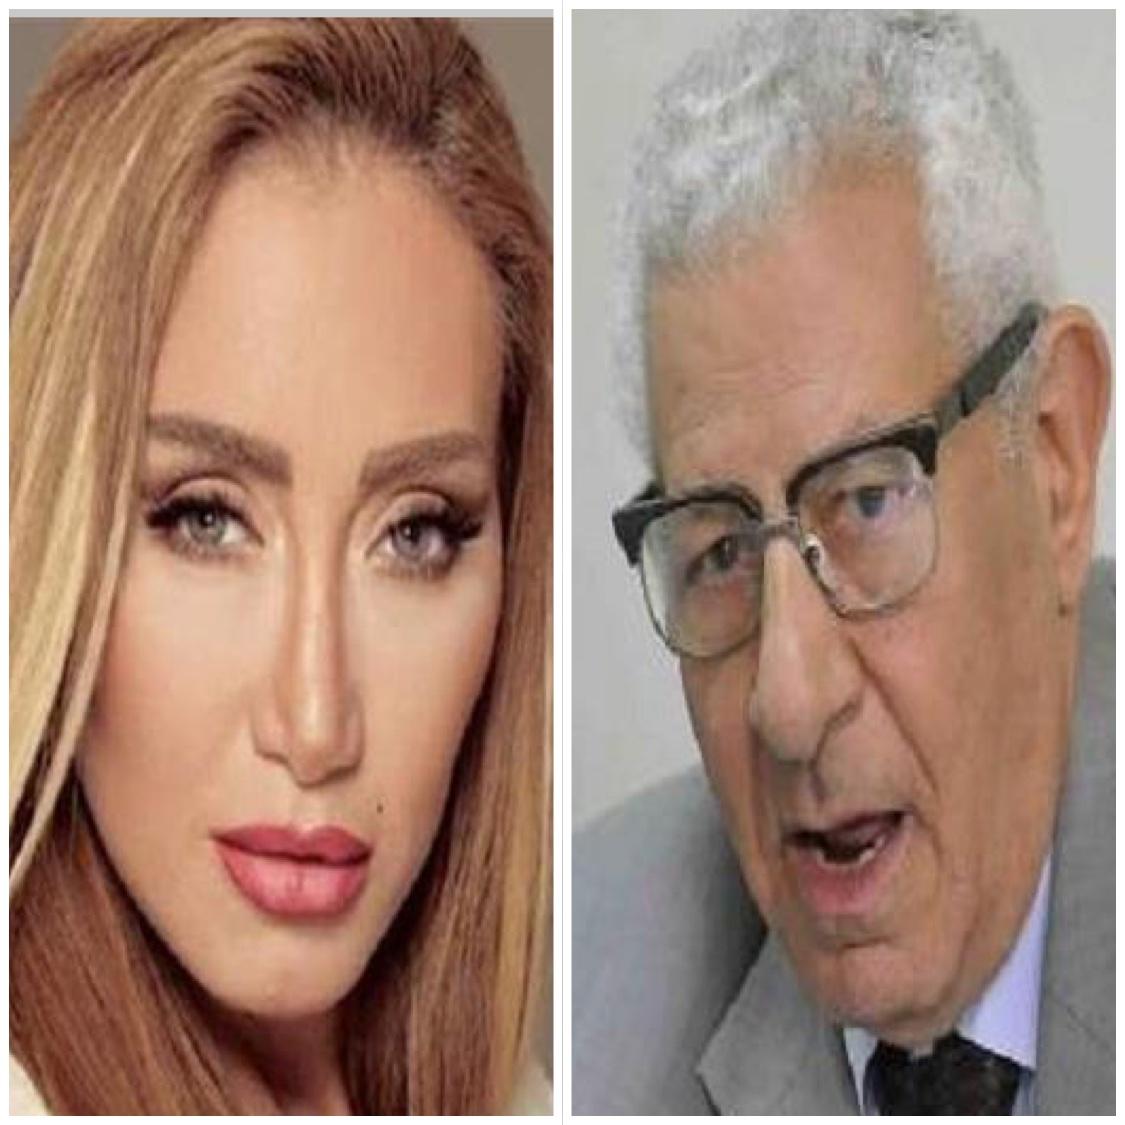 ريهام سعيد براءة مما نسب لها فما موقف المعتدين عليها وعلي مصالحها ؟؟